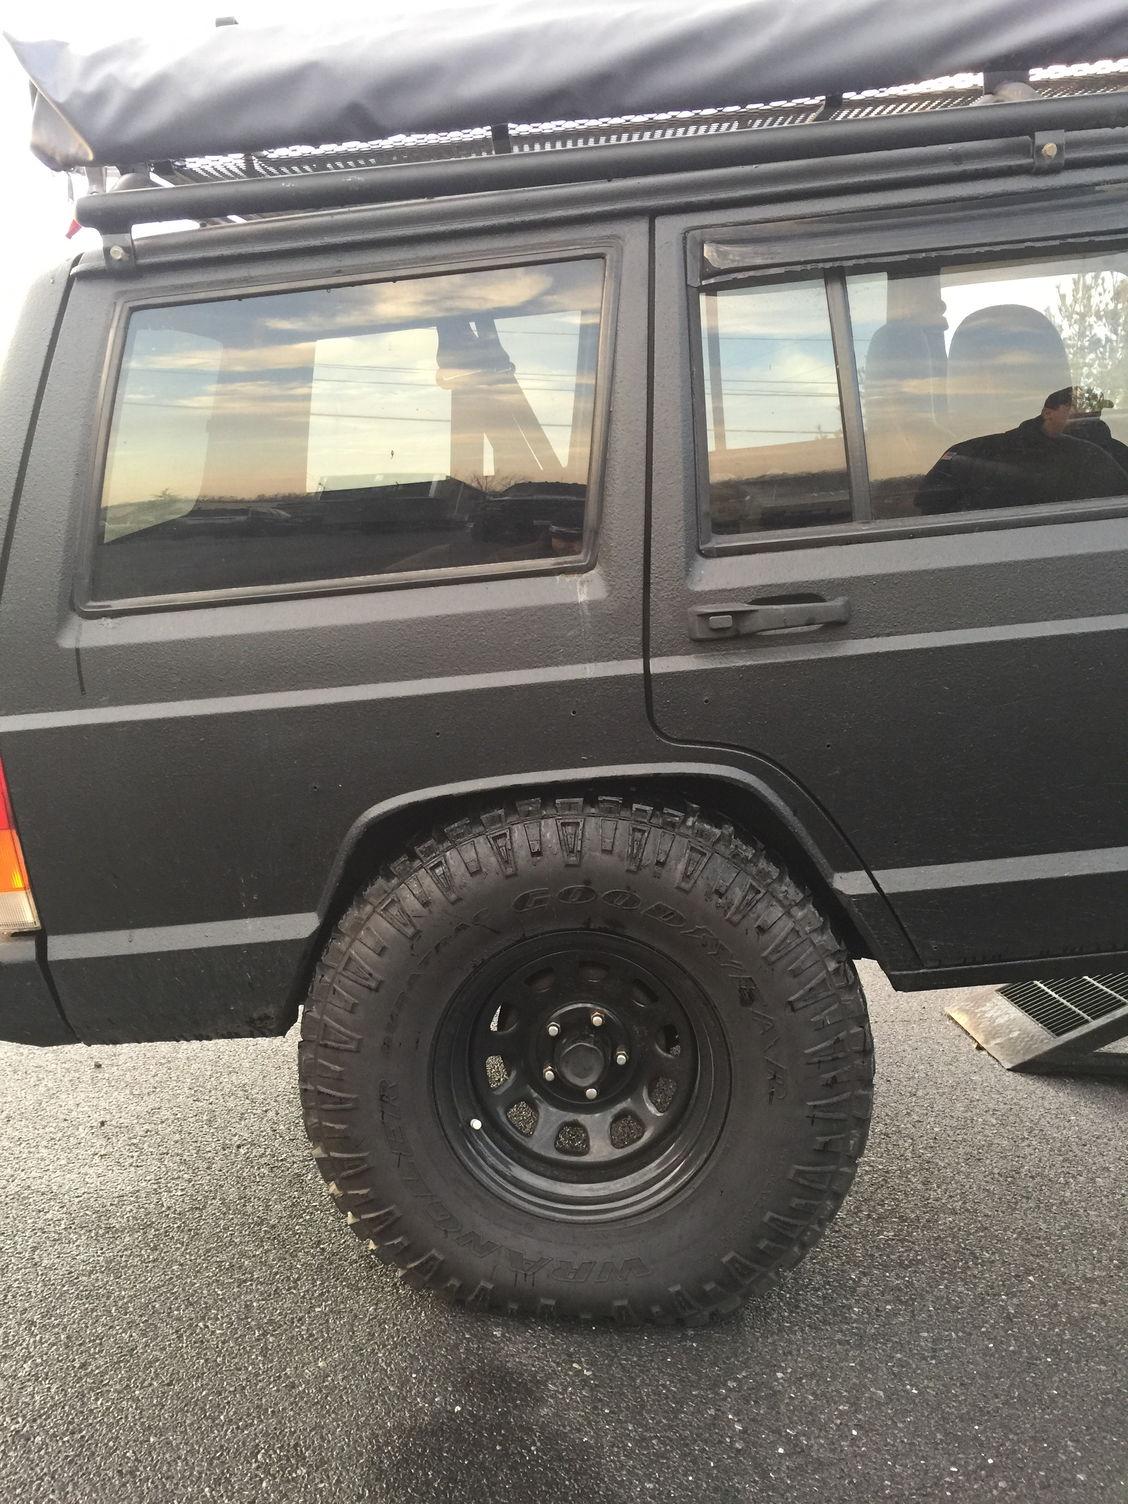 Img B C C D Ea B C Dfc D Ae C C on Jeep Cherokee Awning